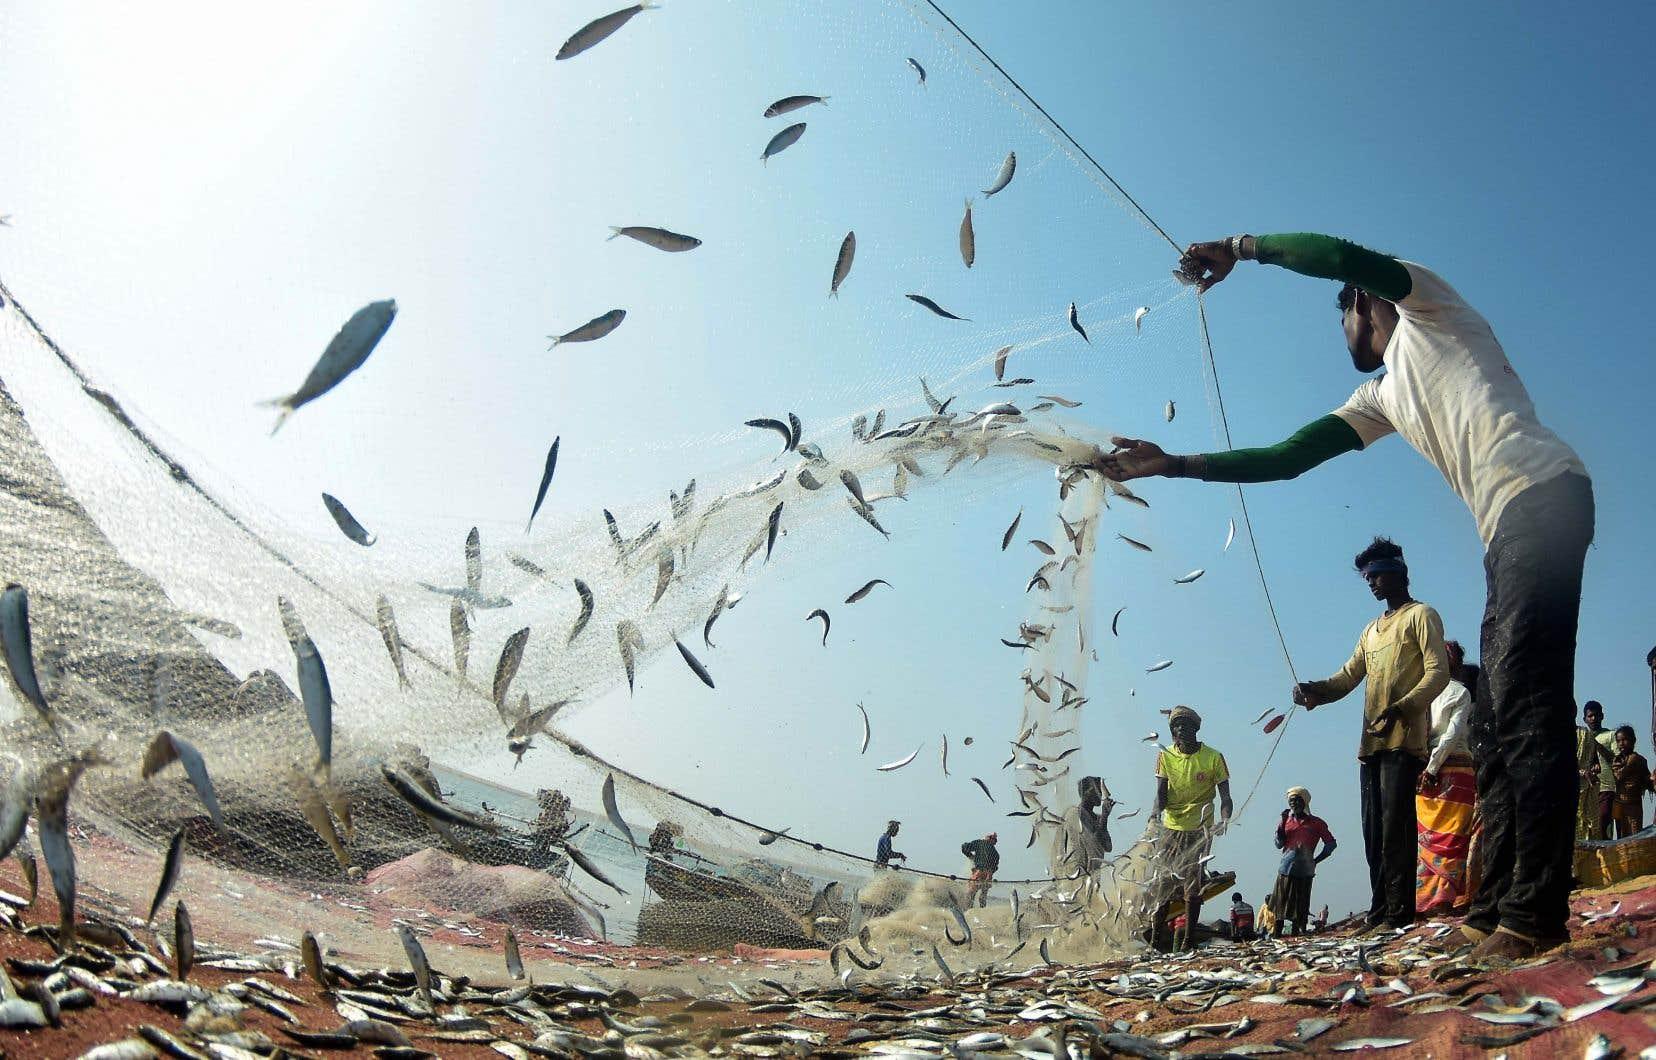 Les données recueillies pourraient aider à façonner les règles internationales pour réduire la pêche illégale.